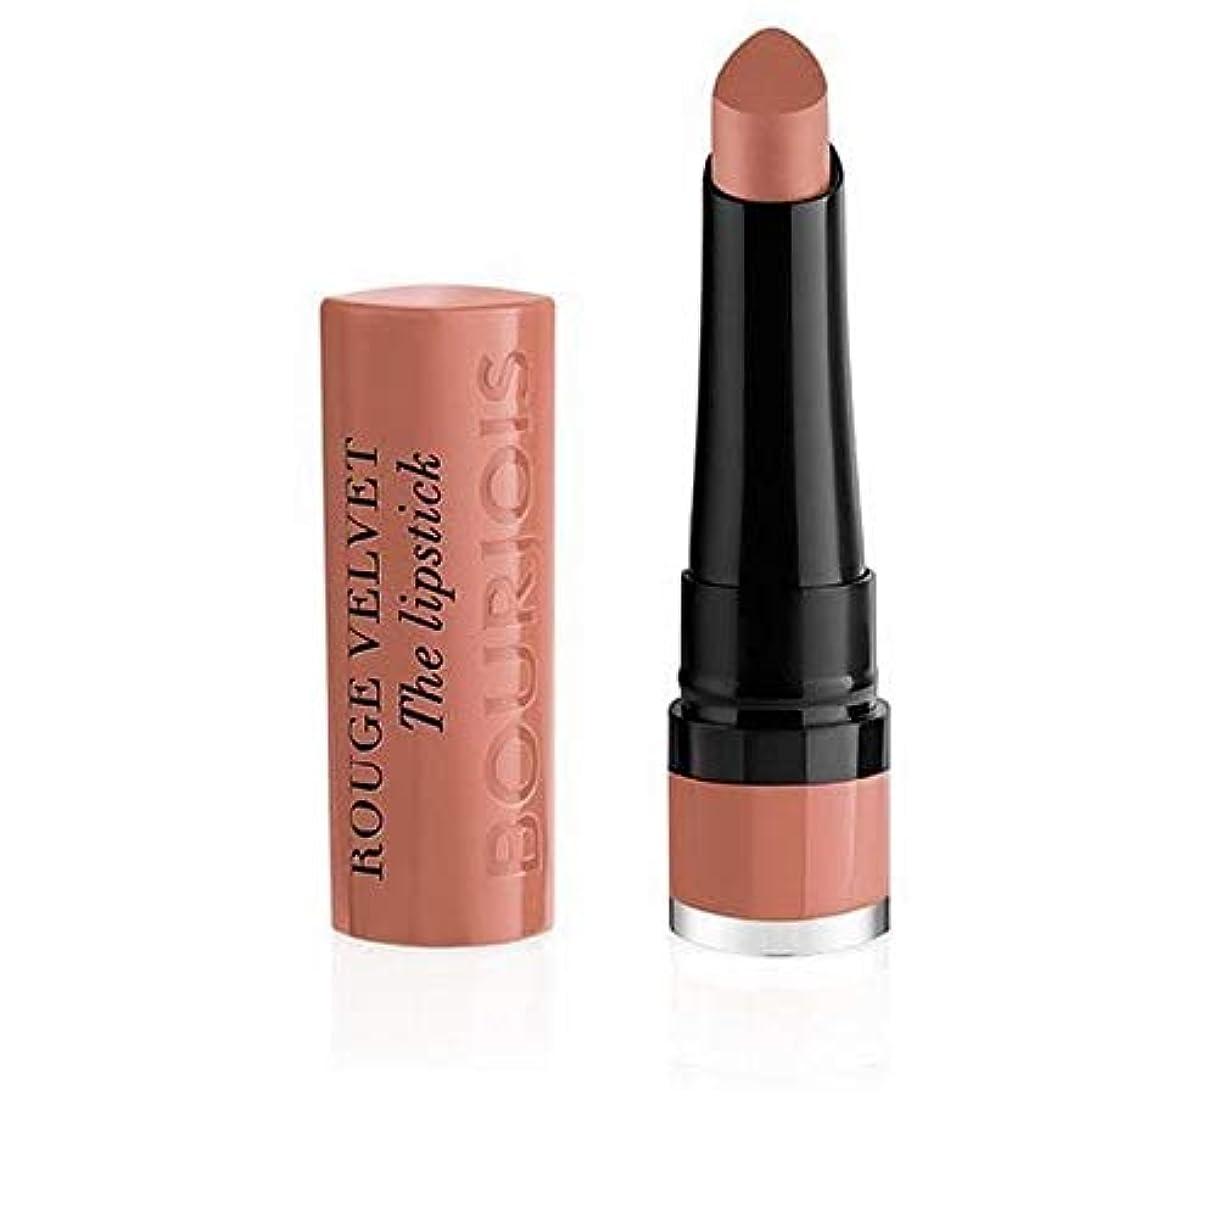 ブレス必要信頼[Bourjois ] ブルジョワルージュのベルベットの口紅ちょっとヌード1 - Bourjois Rouge Velvet Lipstick Hey Nude 1 [並行輸入品]